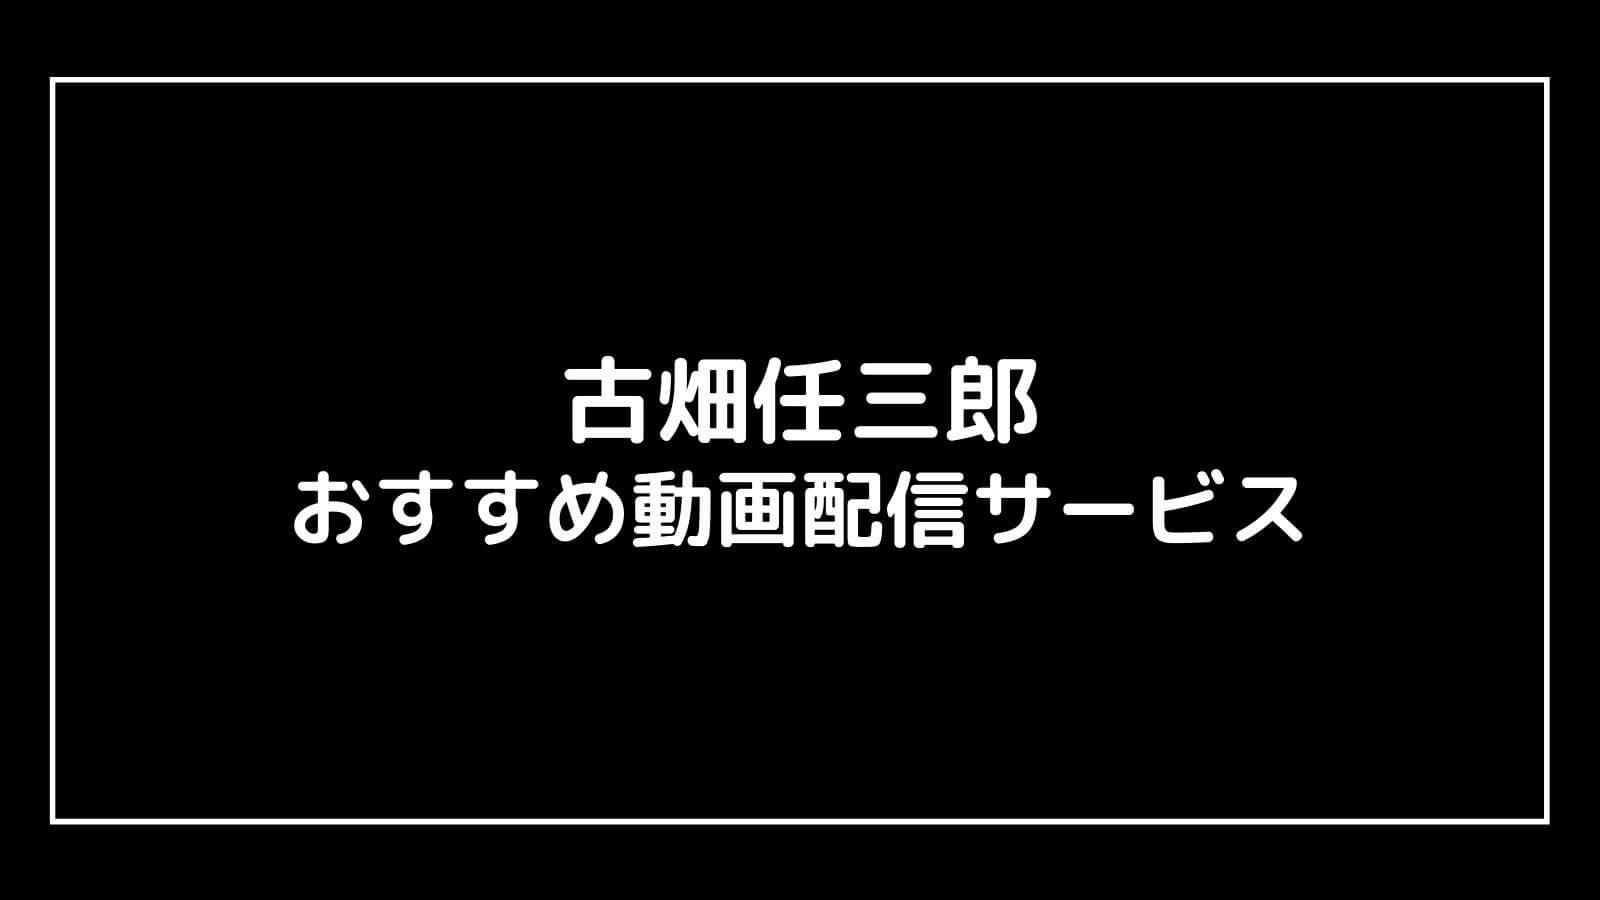 『古畑任三郎』シリーズの配信を無料視聴できるおすすめ動画配信サイト